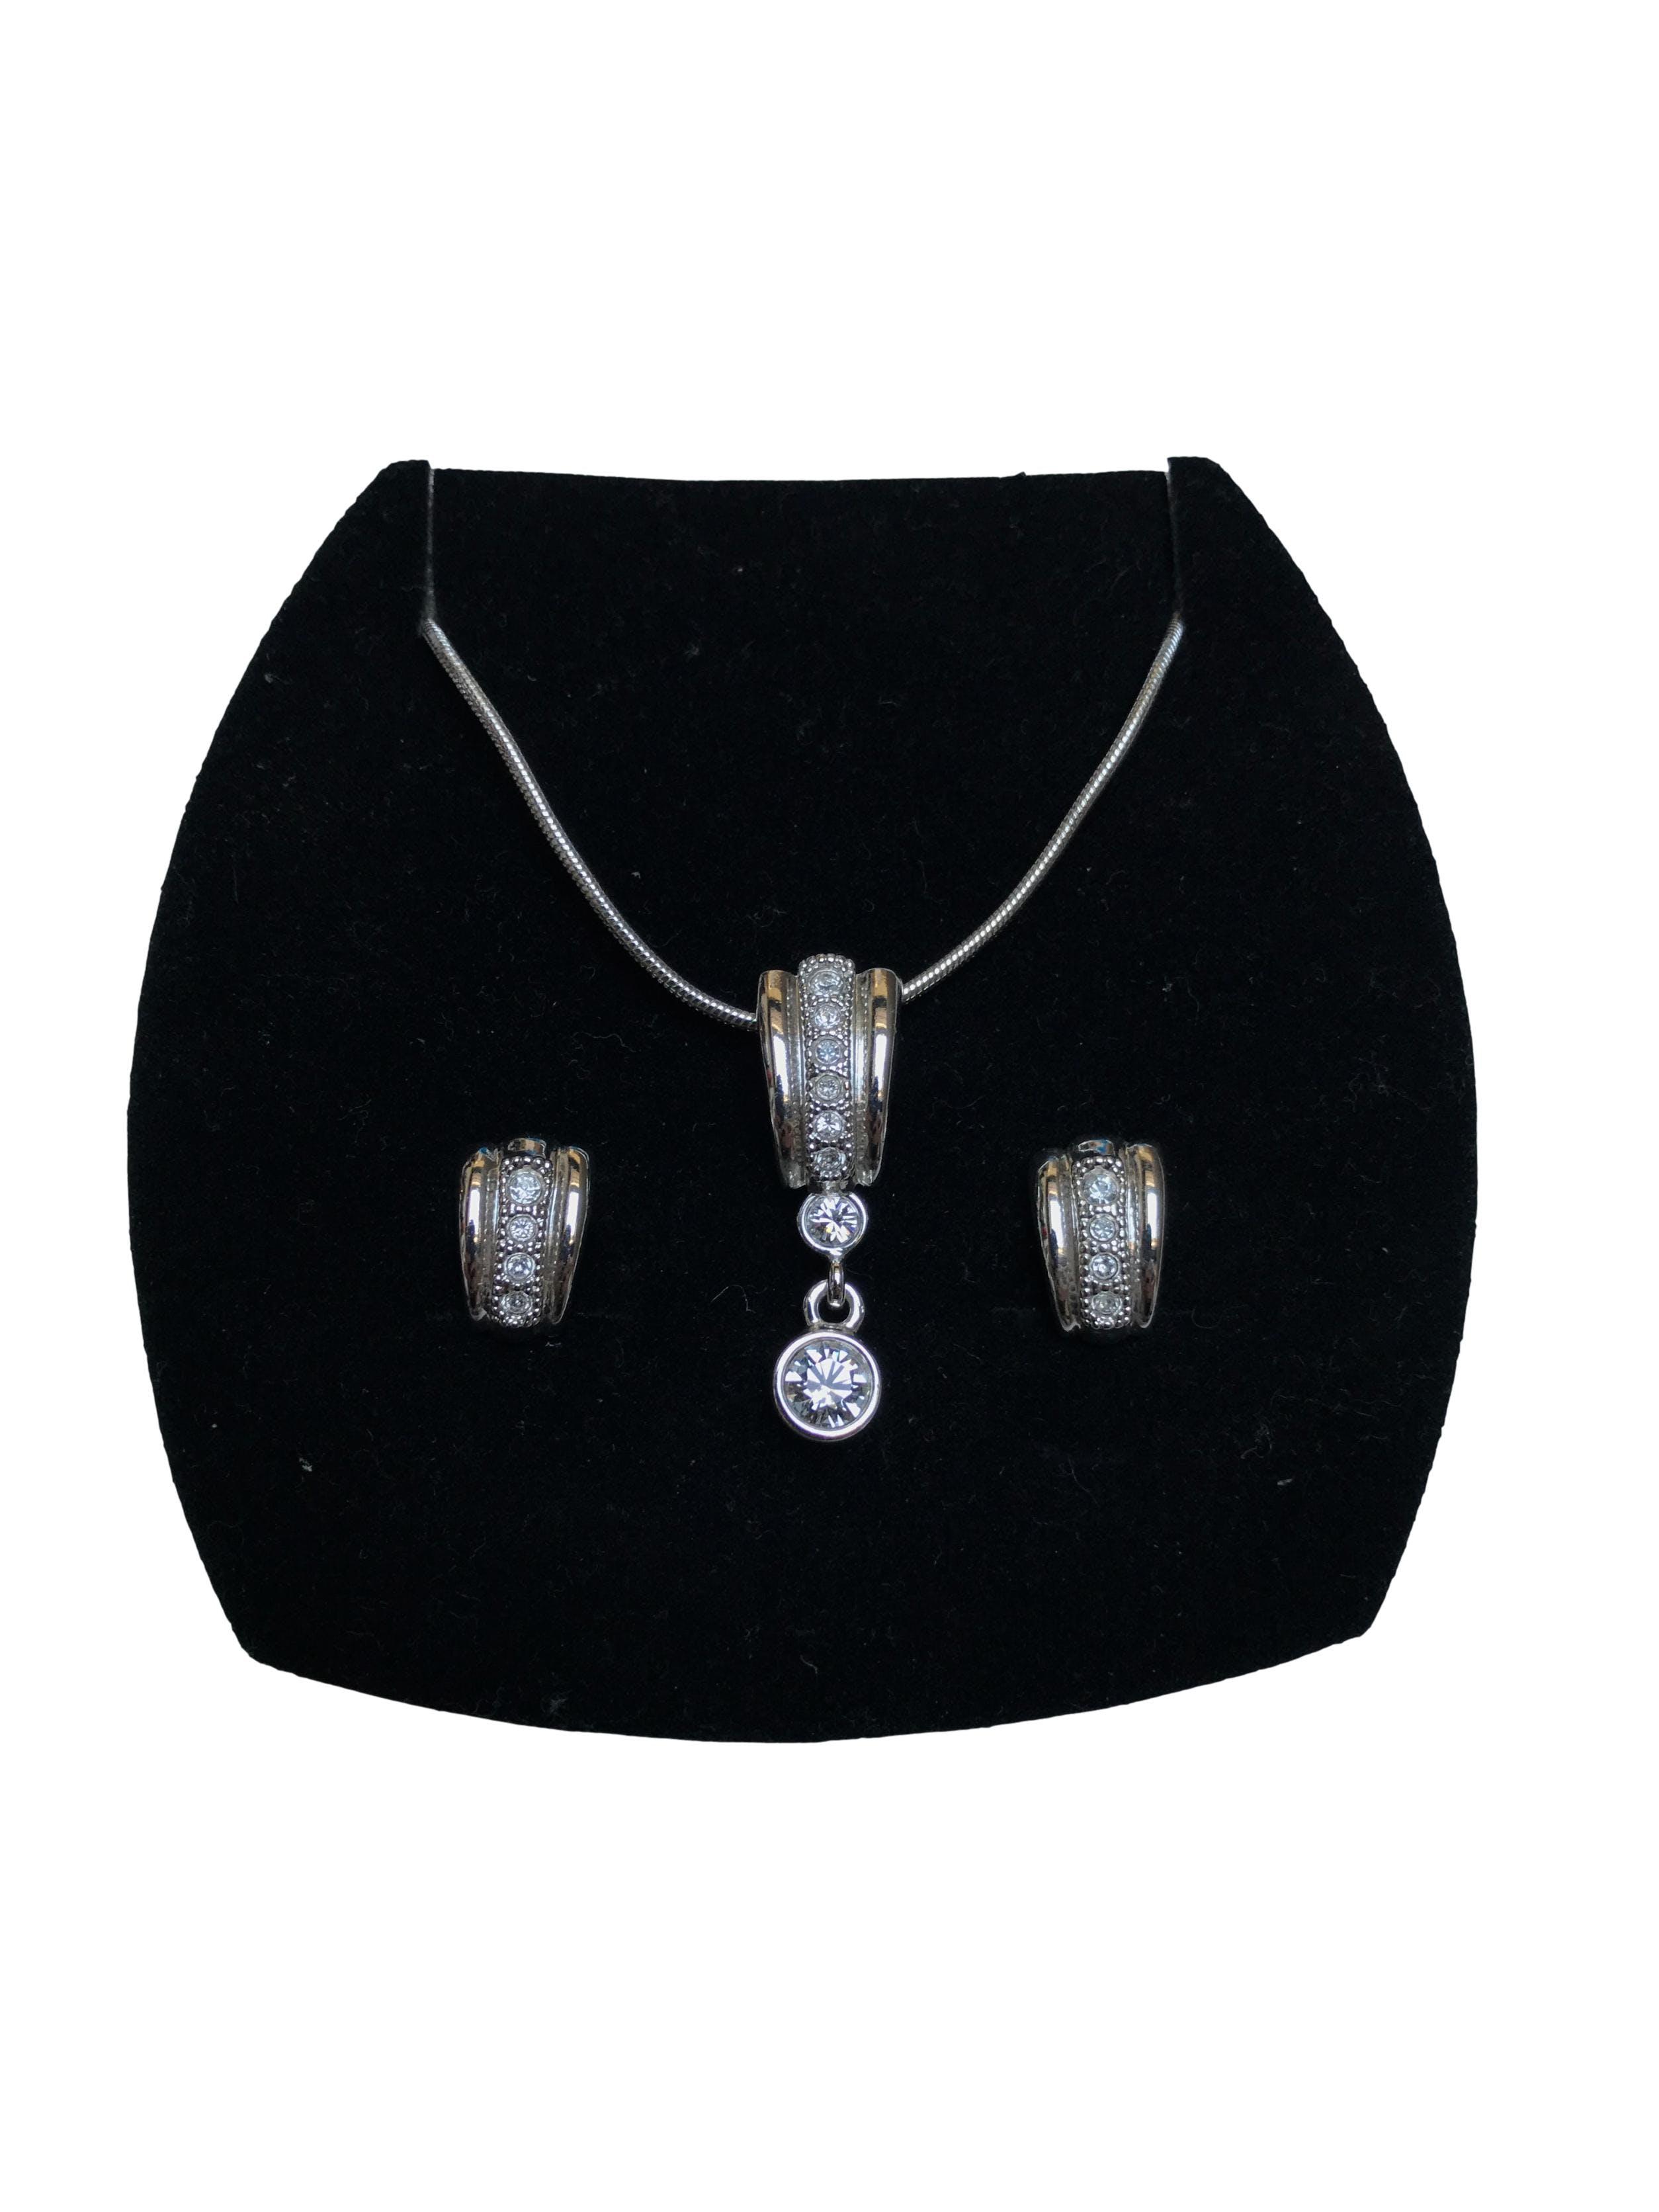 Set Finart de aretes y collar plata con aplicaciones diamante. En perfecto estado.